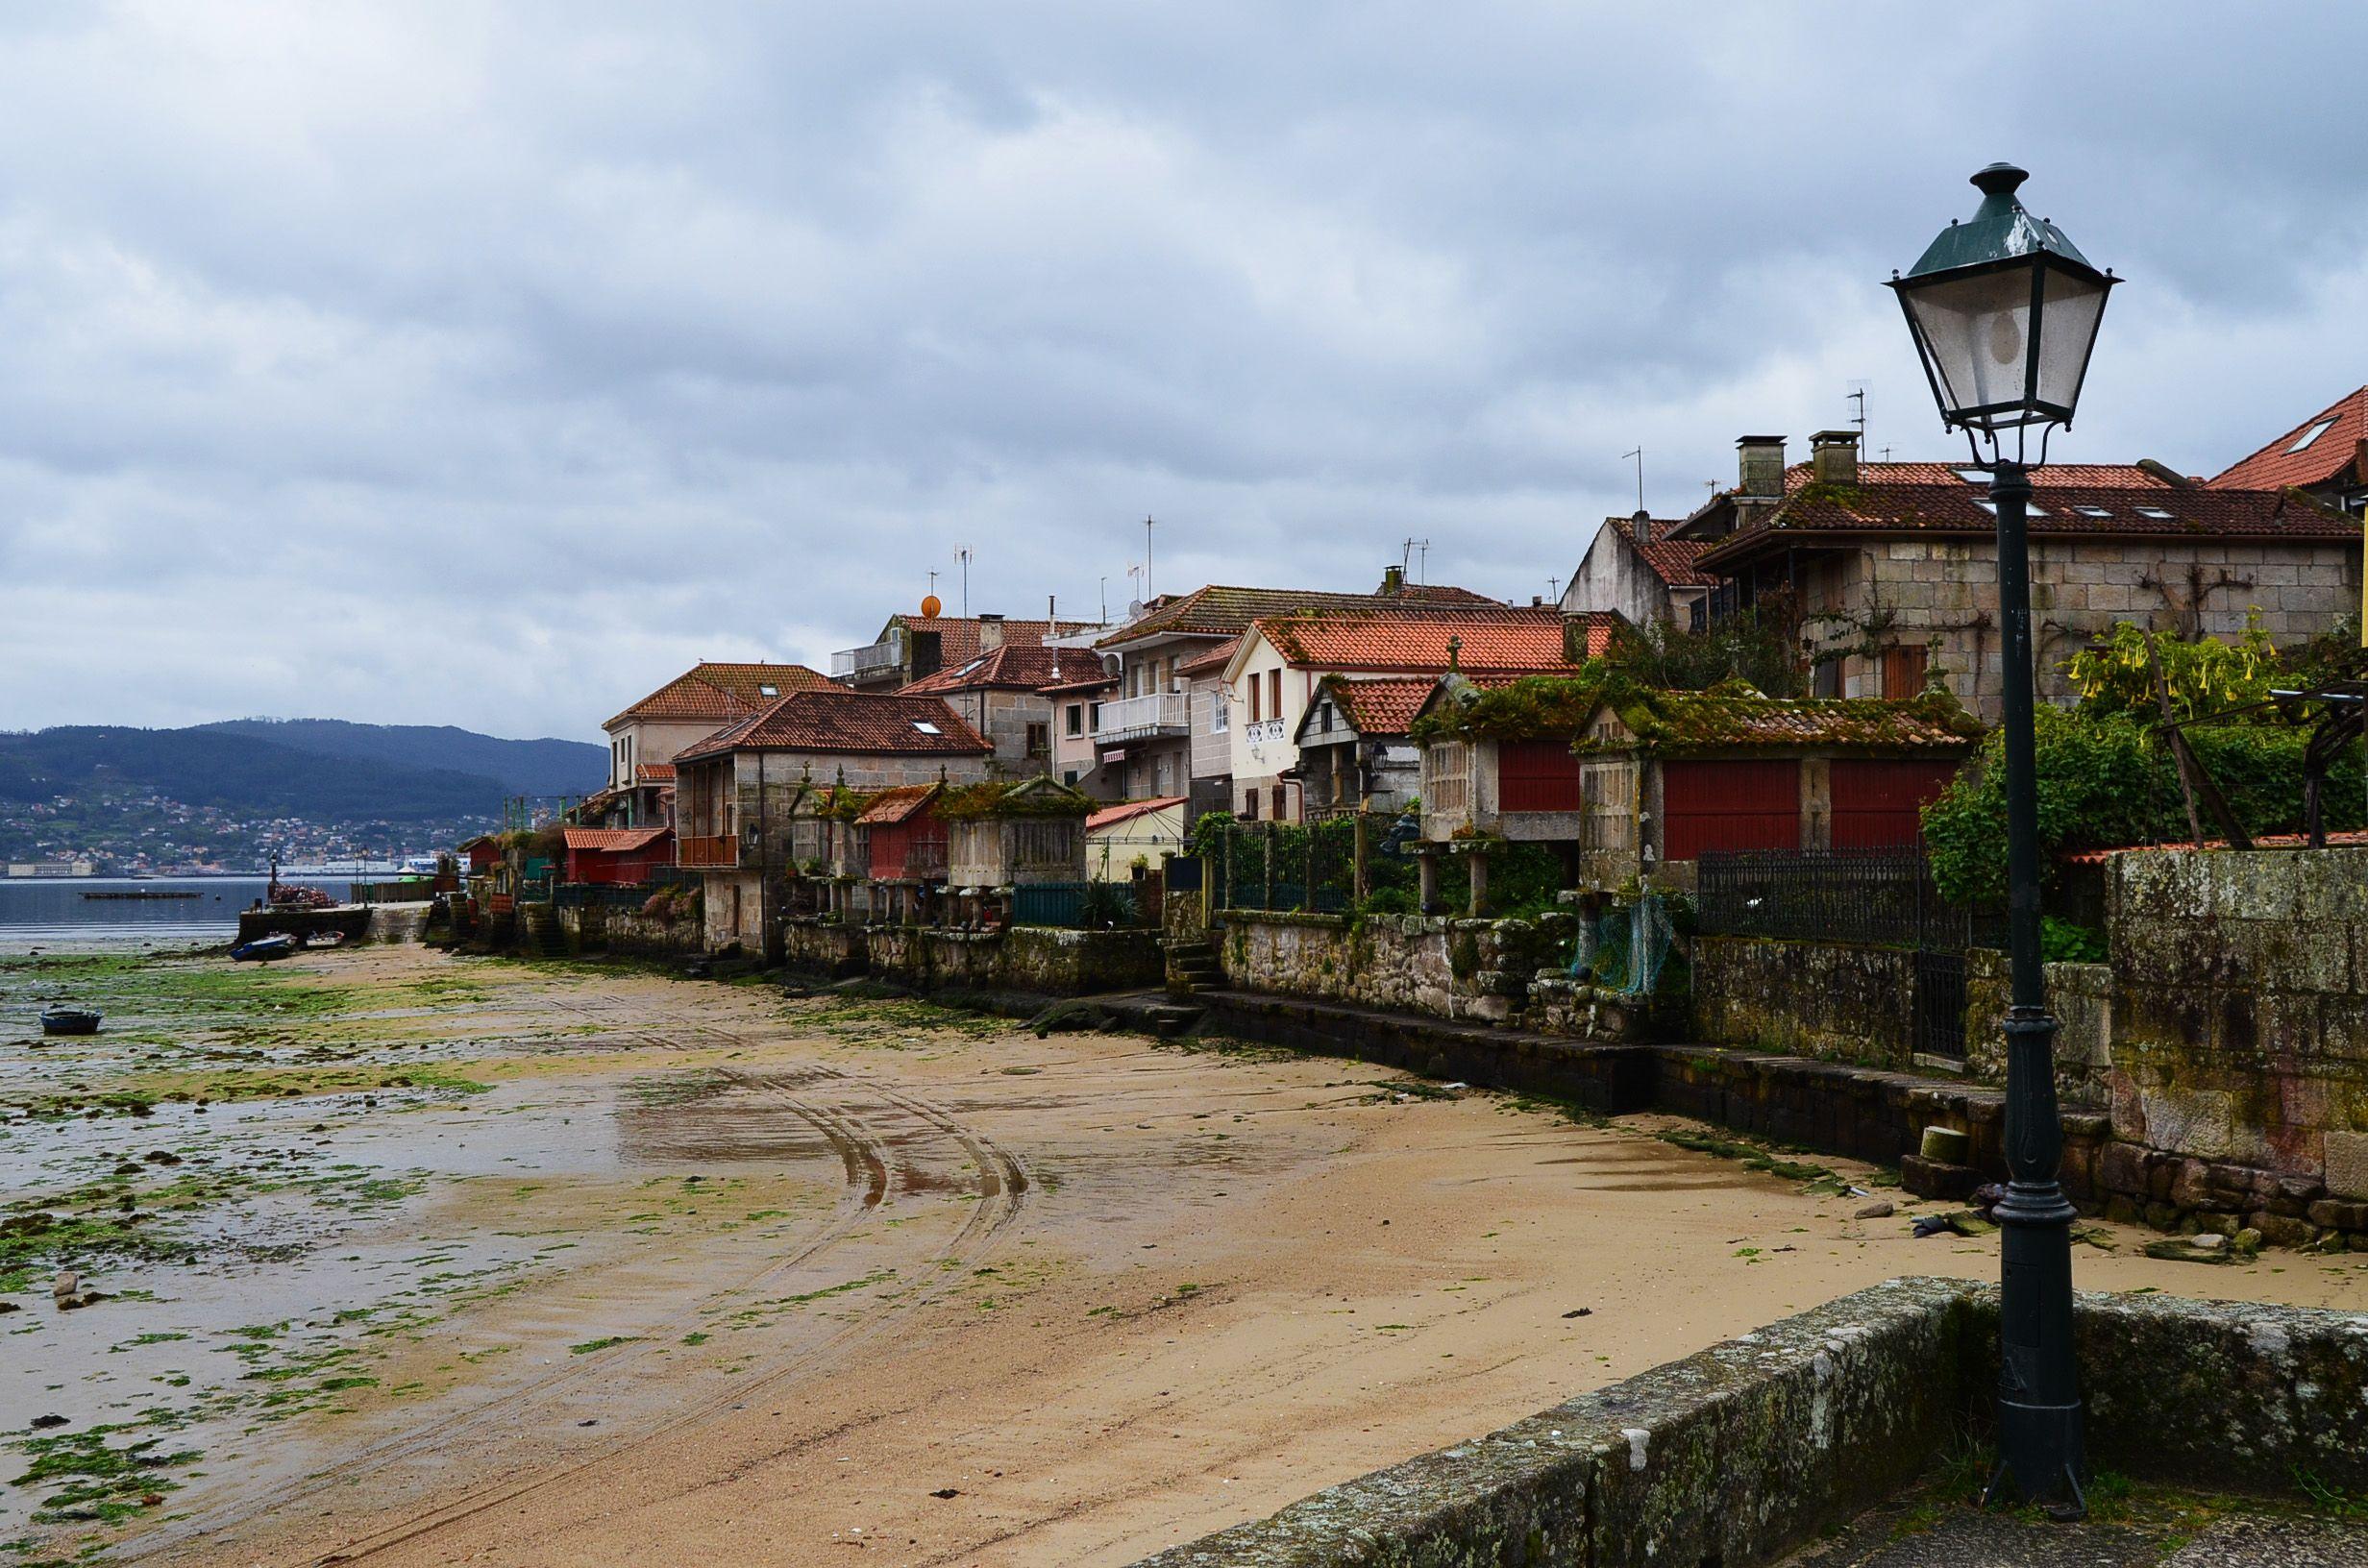 Ruta Rías Baixas, Combarro (Pontevedra)